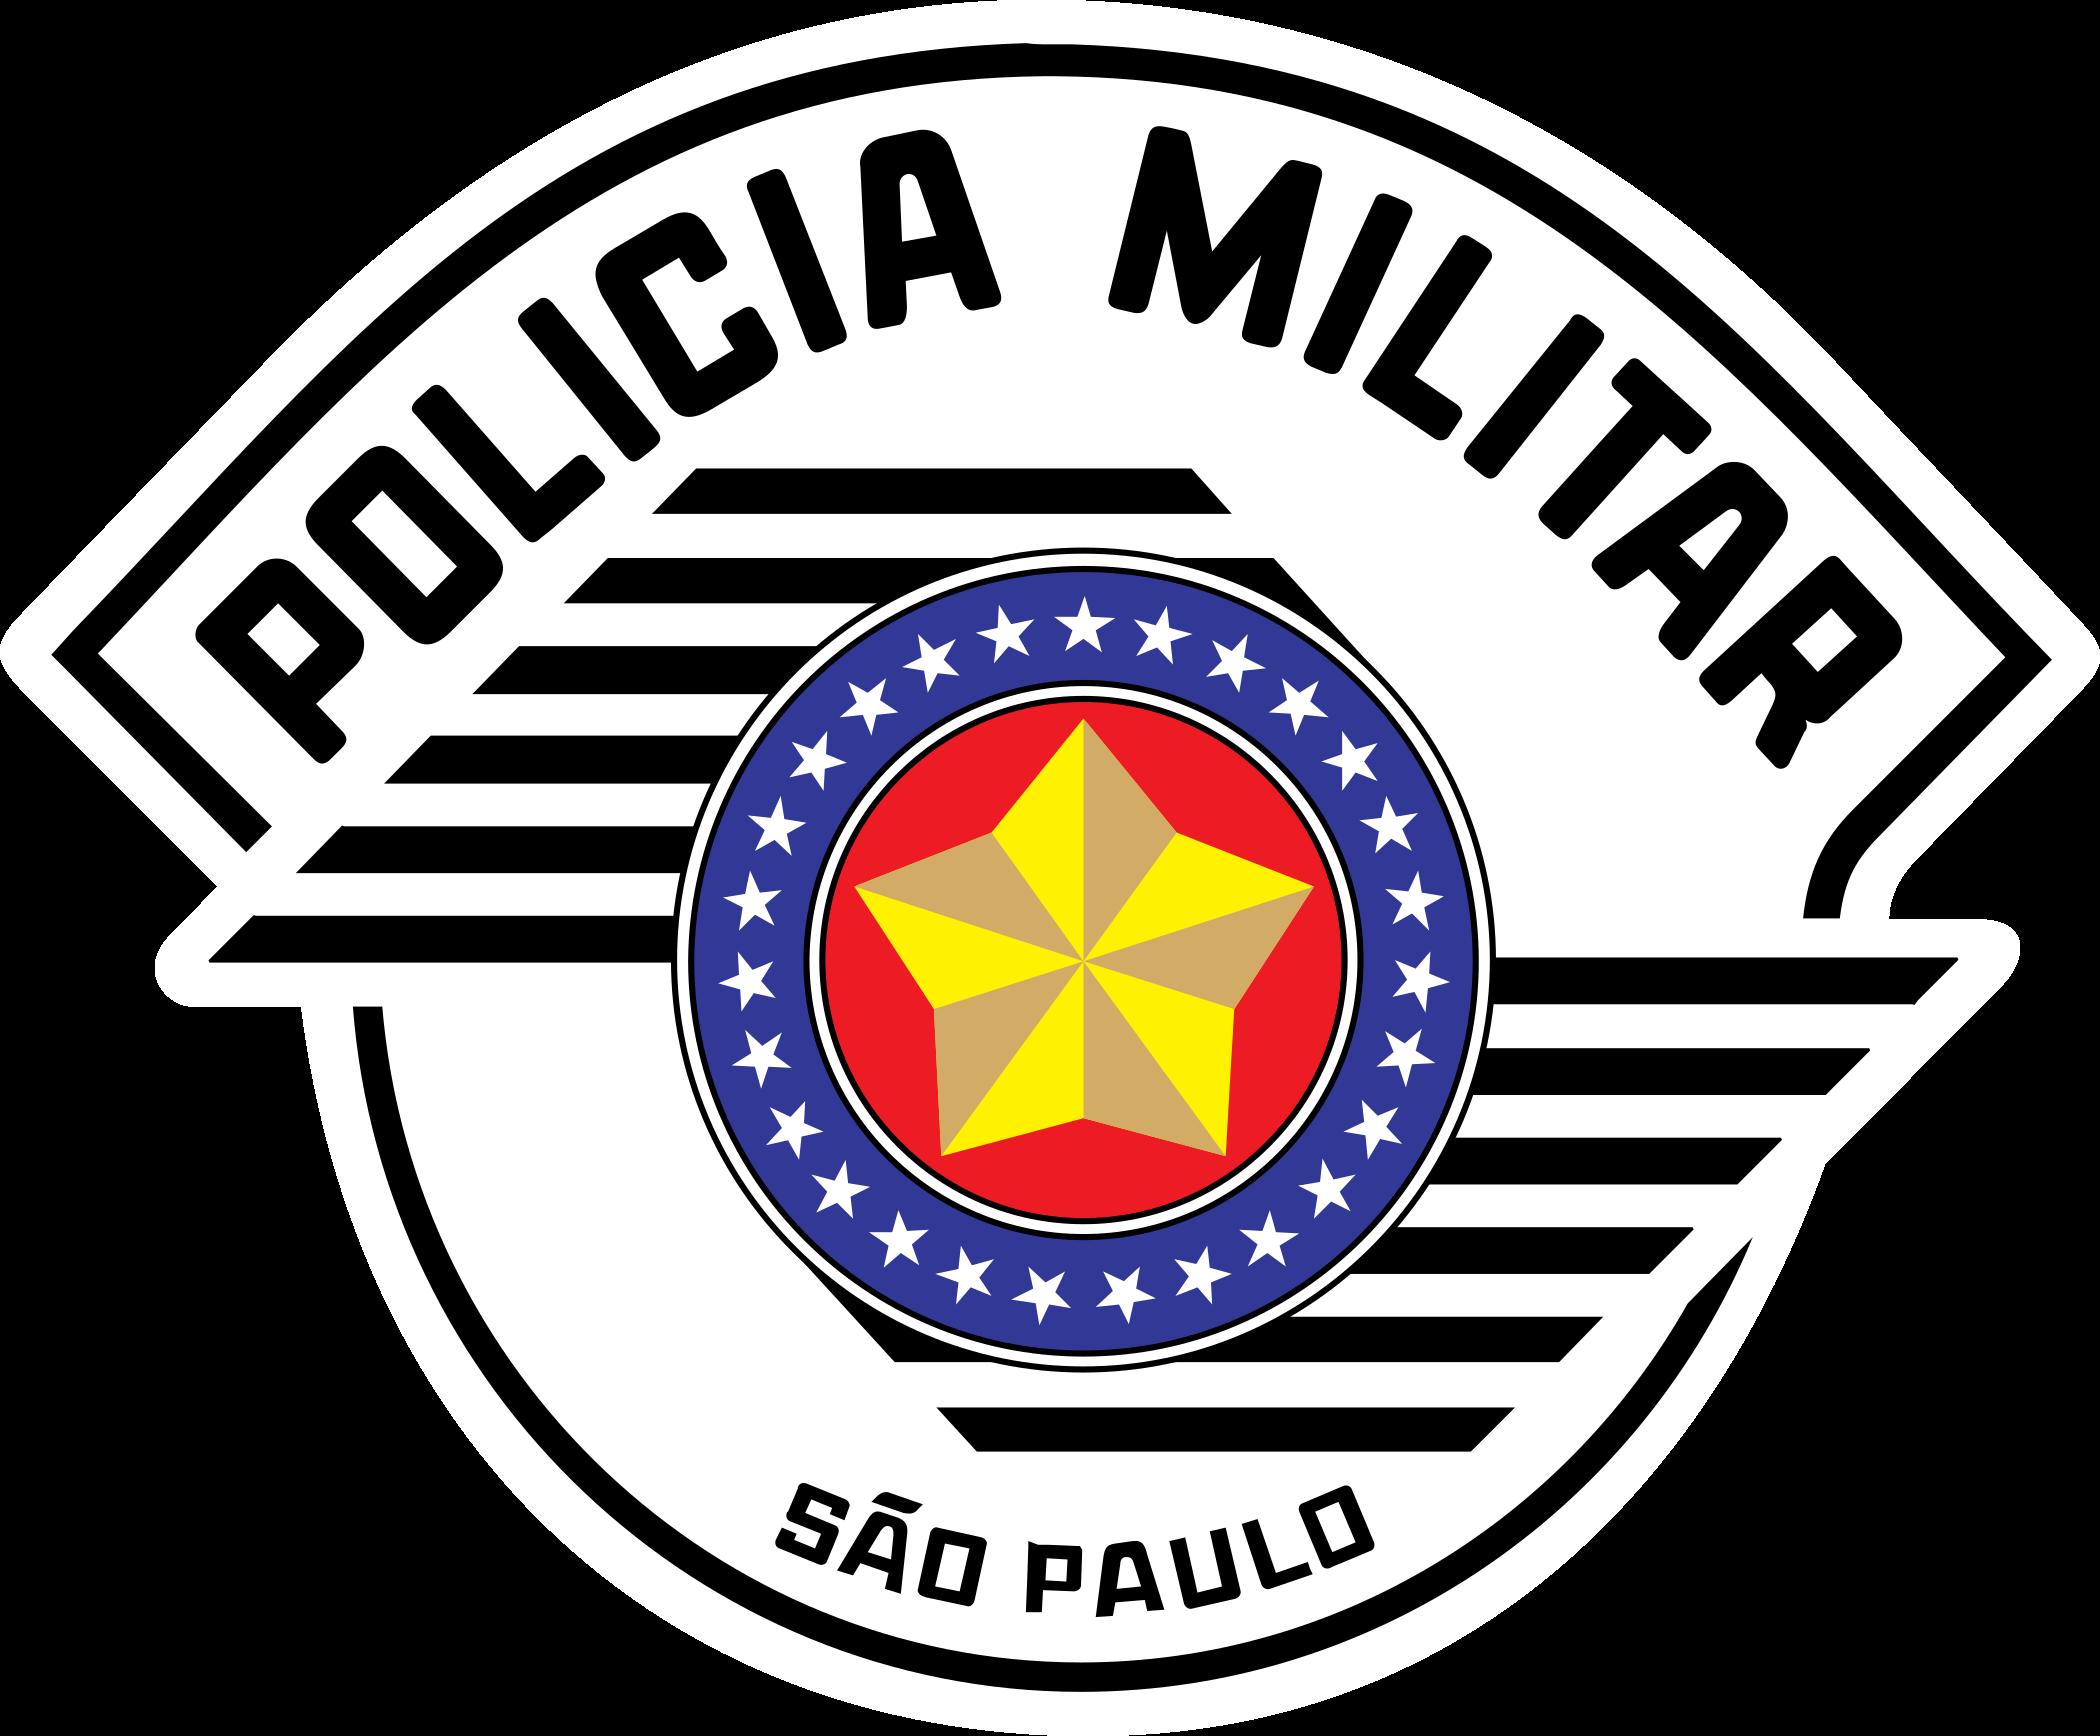 Policia Miliar São Paulo Logo, Pm sp Logo.